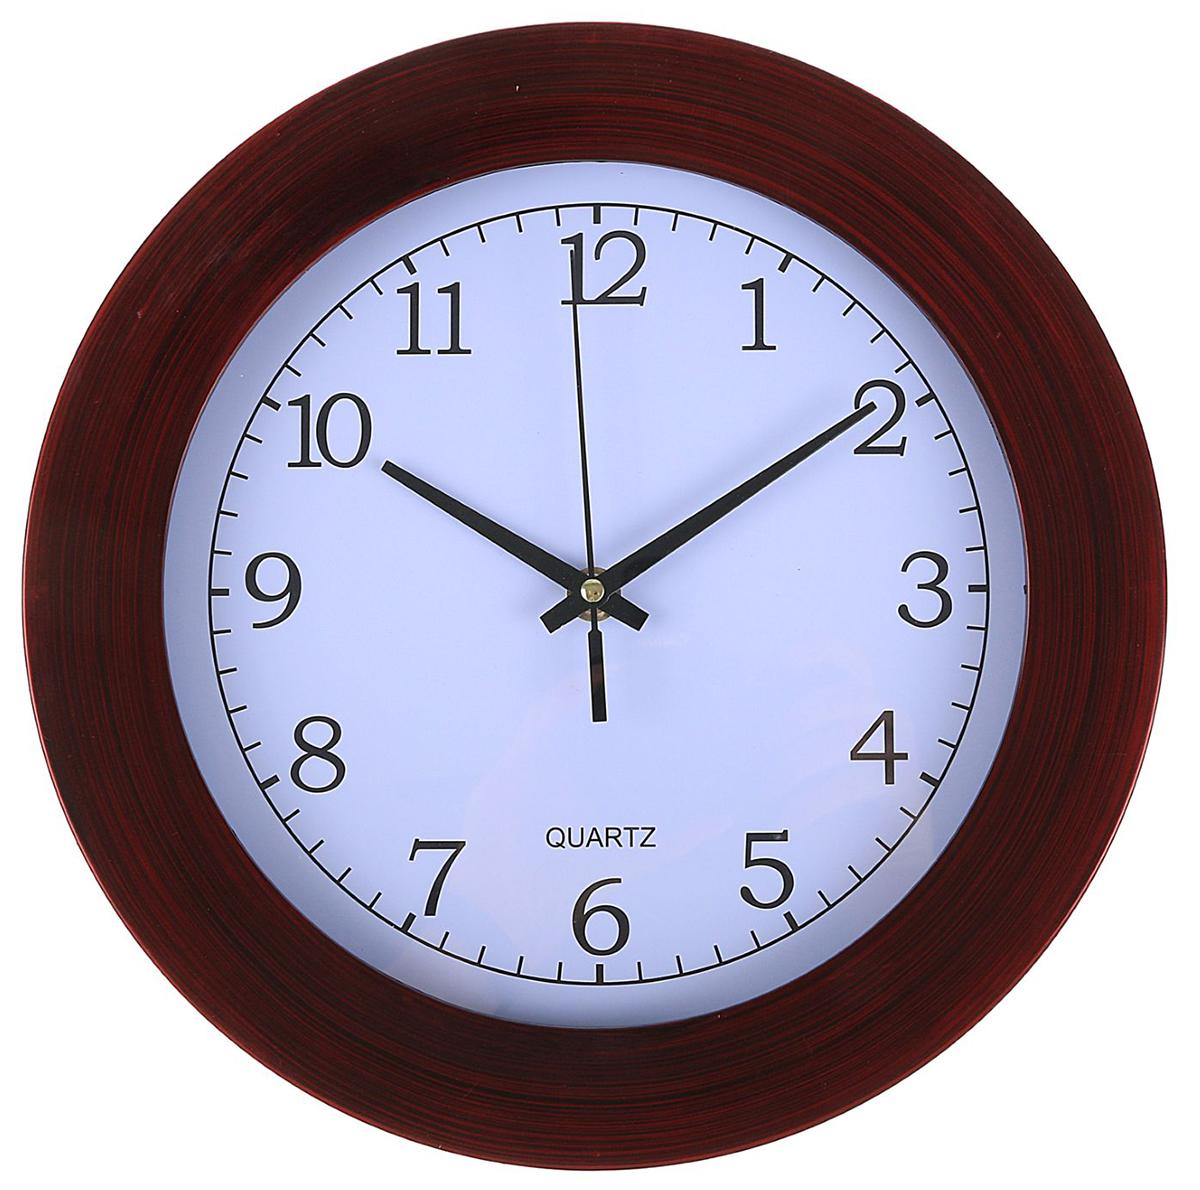 Часы настенные Винил, диаметр 28,5 см2334891Каждому хозяину периодически приходит мысль обновить свою квартиру, сделать ремонт, перестановку или кардинально поменять внешний вид каждой комнаты. — привлекательная деталь, которая поможет воплотить вашу интерьерную идею, создать неповторимую атмосферу в вашем доме. Окружите себя приятными мелочами, пусть они радуют глаз и дарят гармонию.Часы настенные классика Винил, широкий обод, древесные, круг, 28,5*5см 2334891